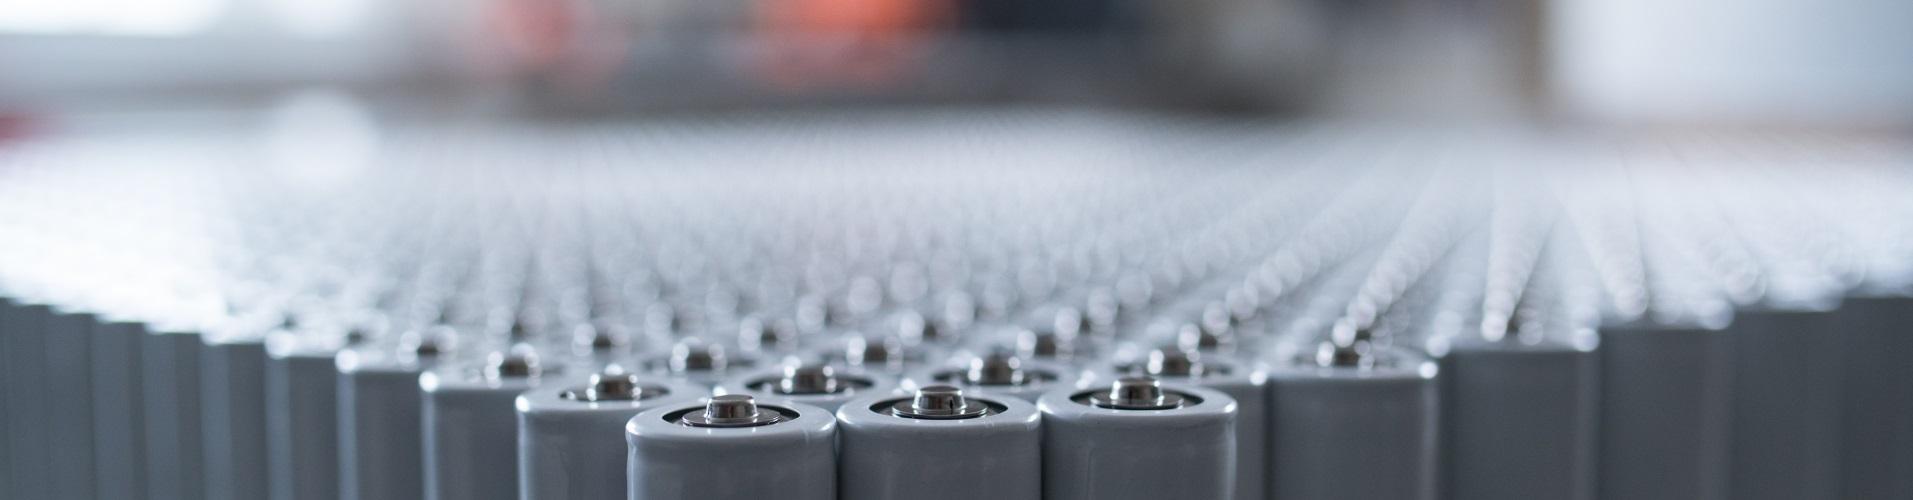 Litium Ionen Akkus des Typs 18650 aufgereit.